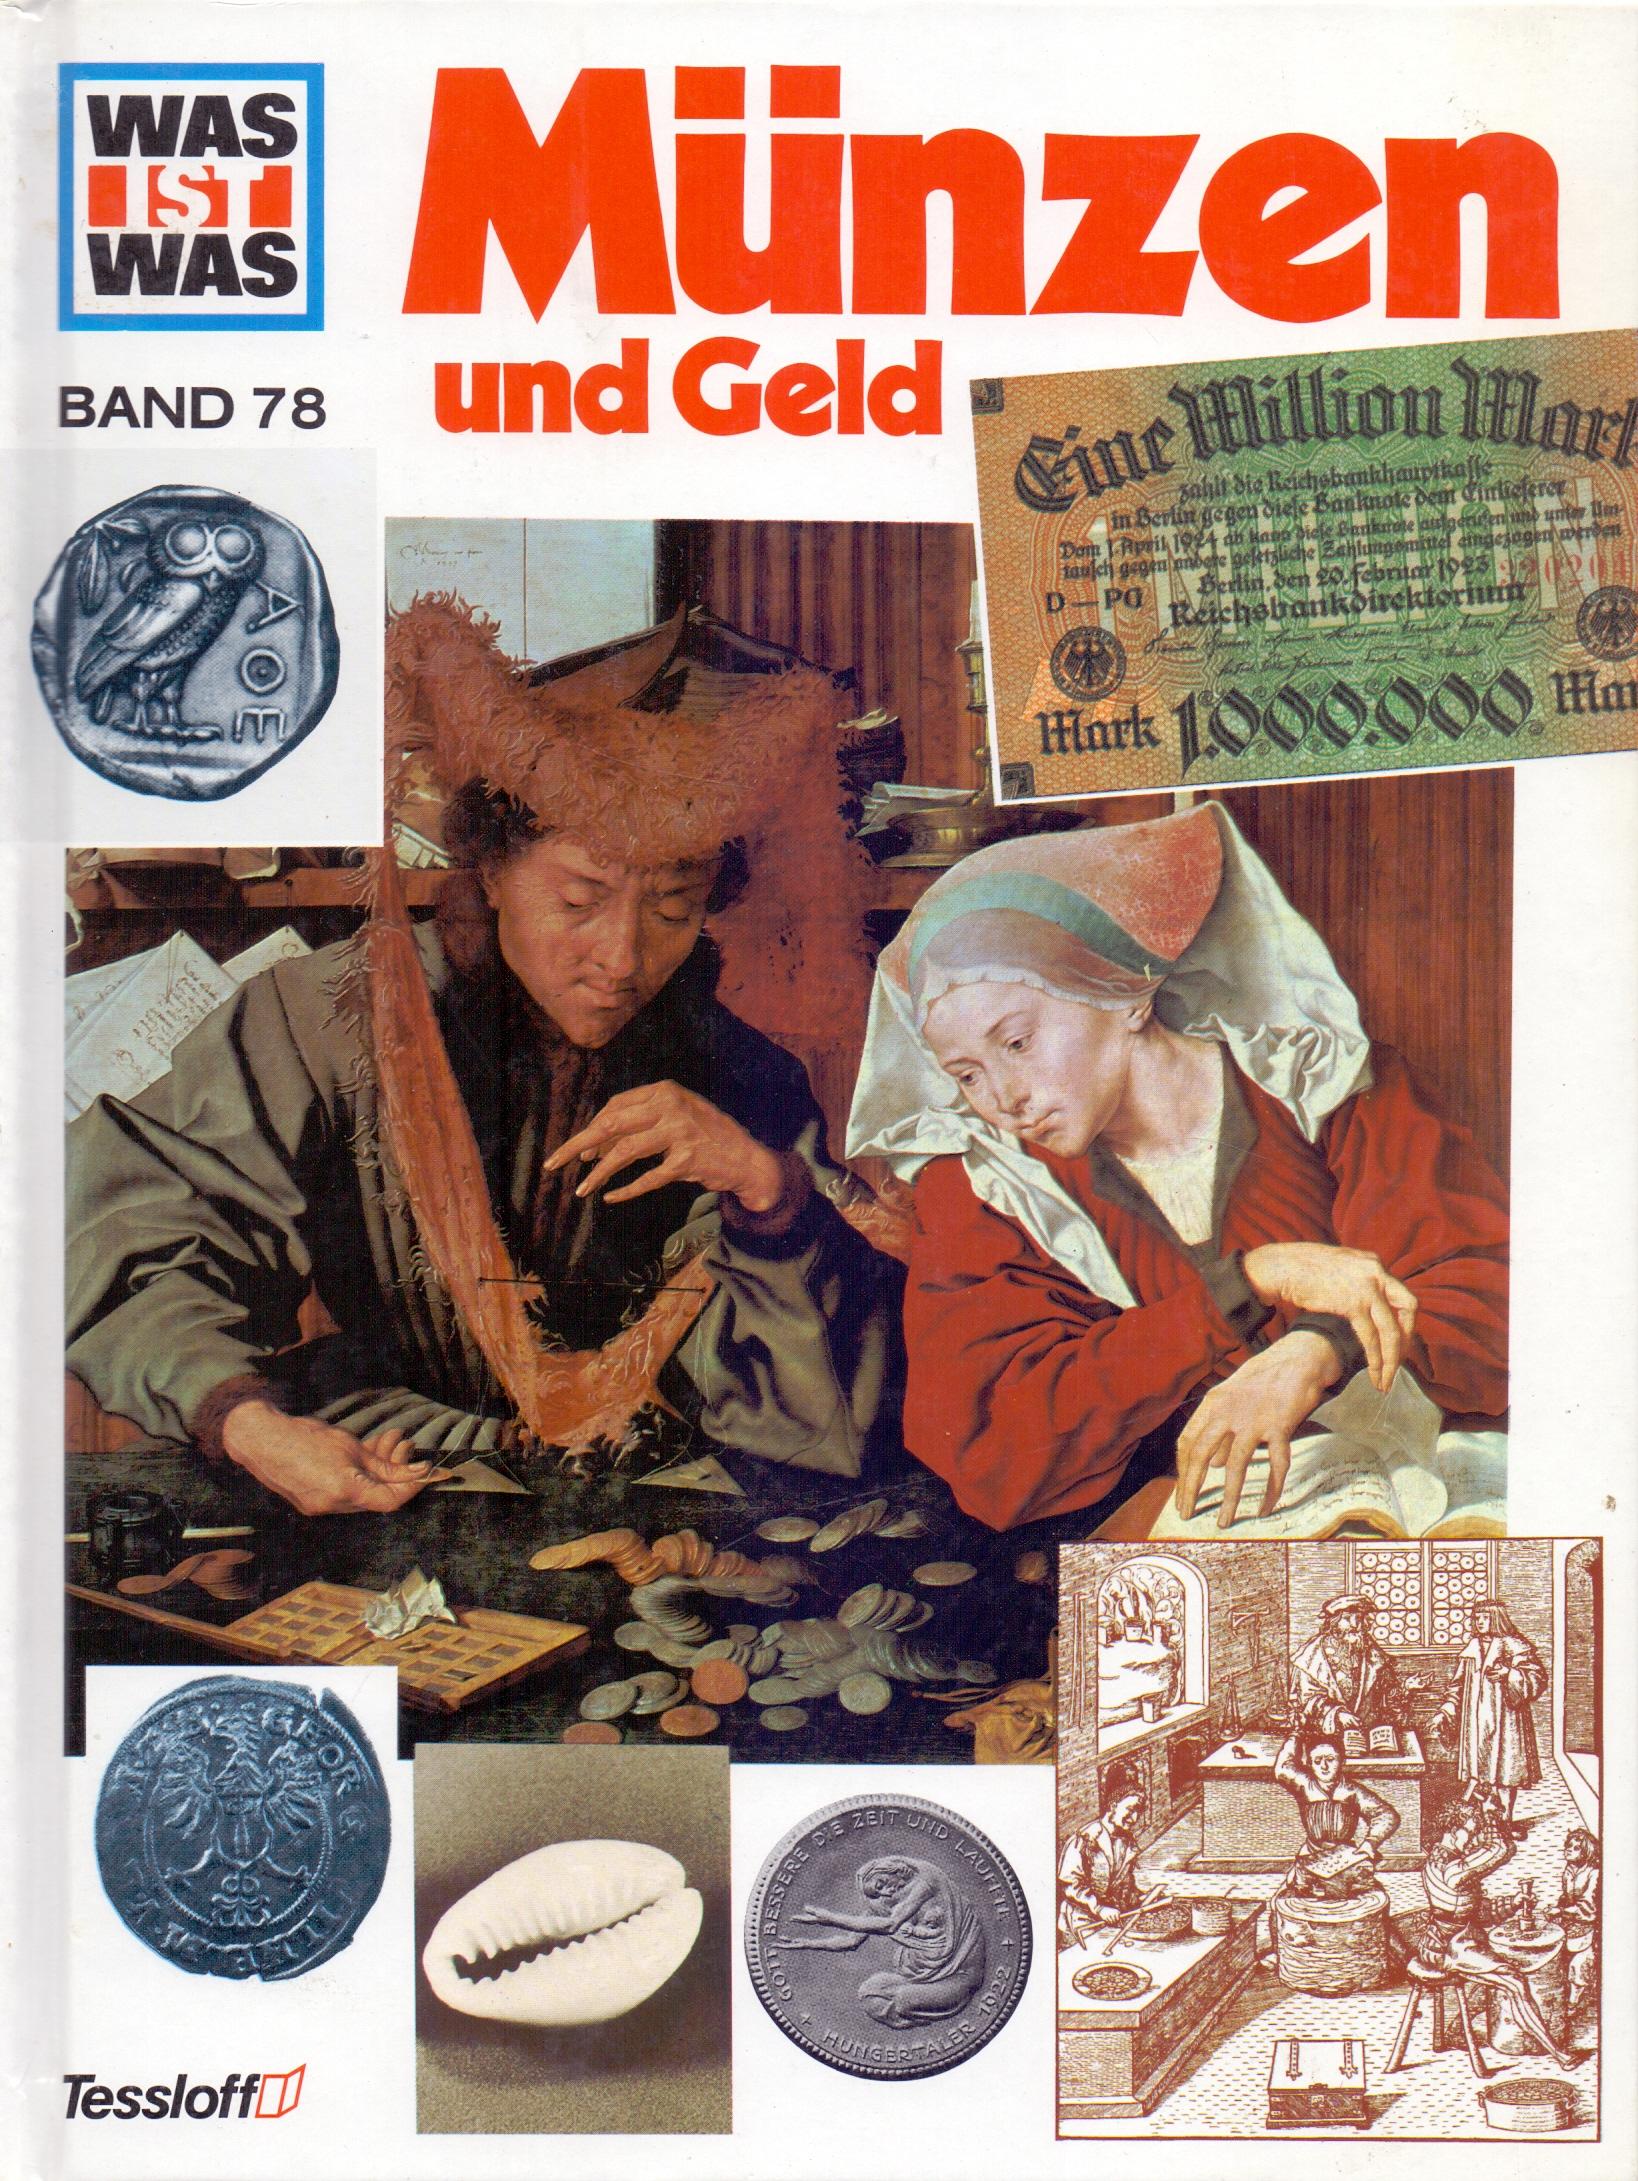 Was ist Was: Band 78 - Münzen und Geld [Gebunde...